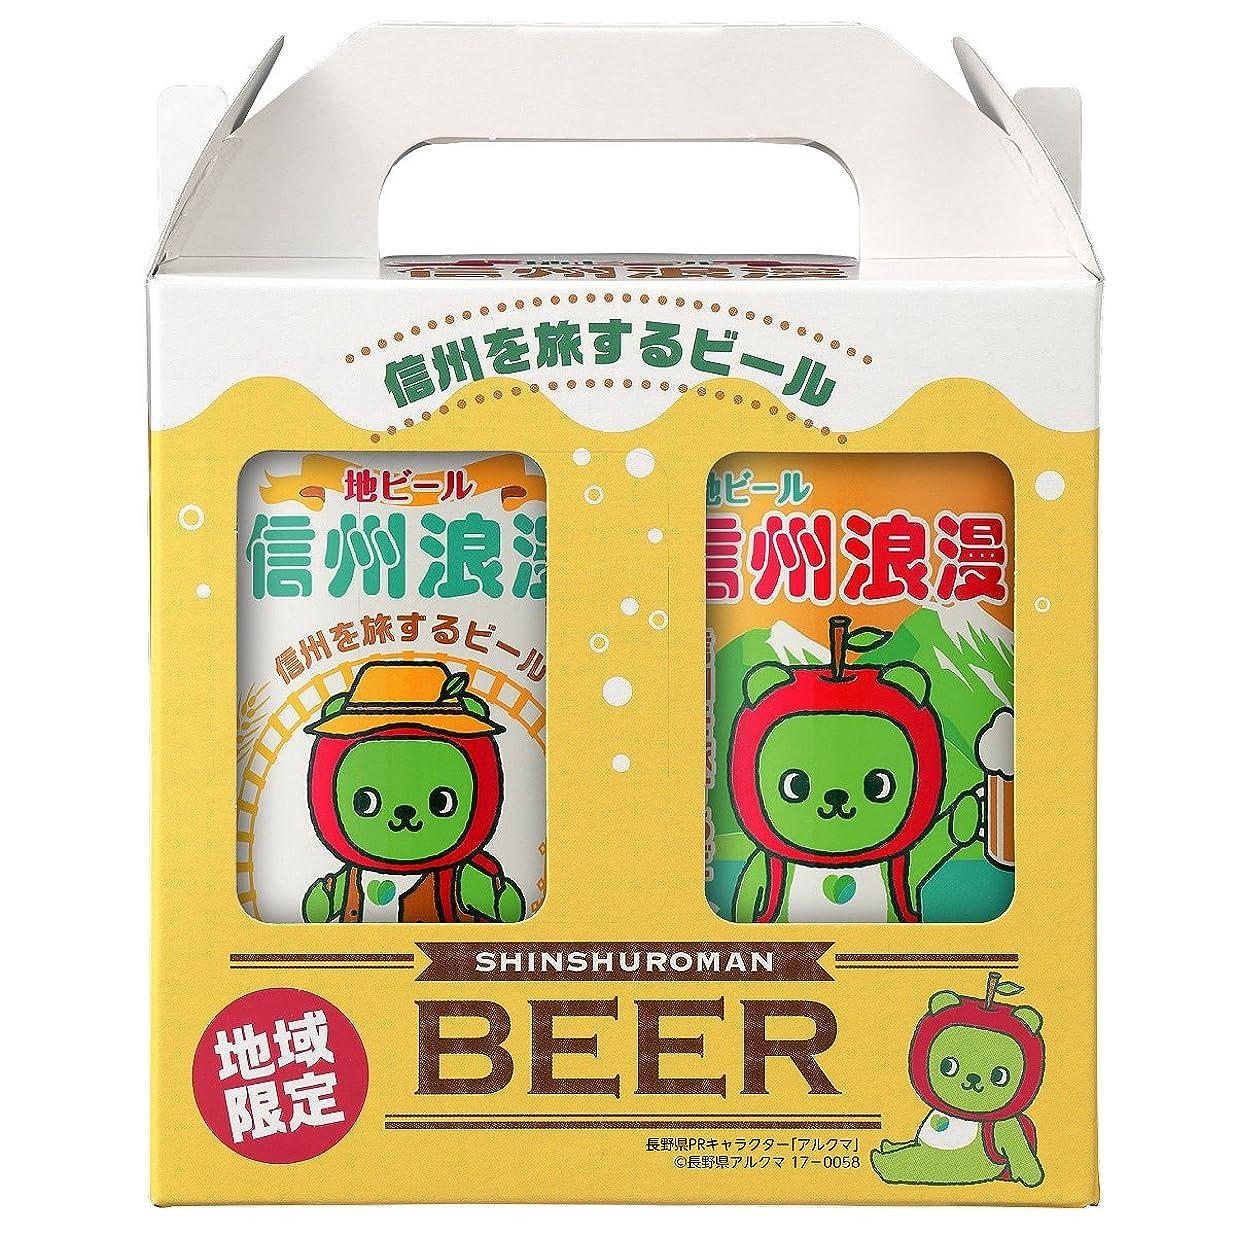 期待して苦マルクス主義者麗人 信州浪漫ビールアルクマ缶 2本セット